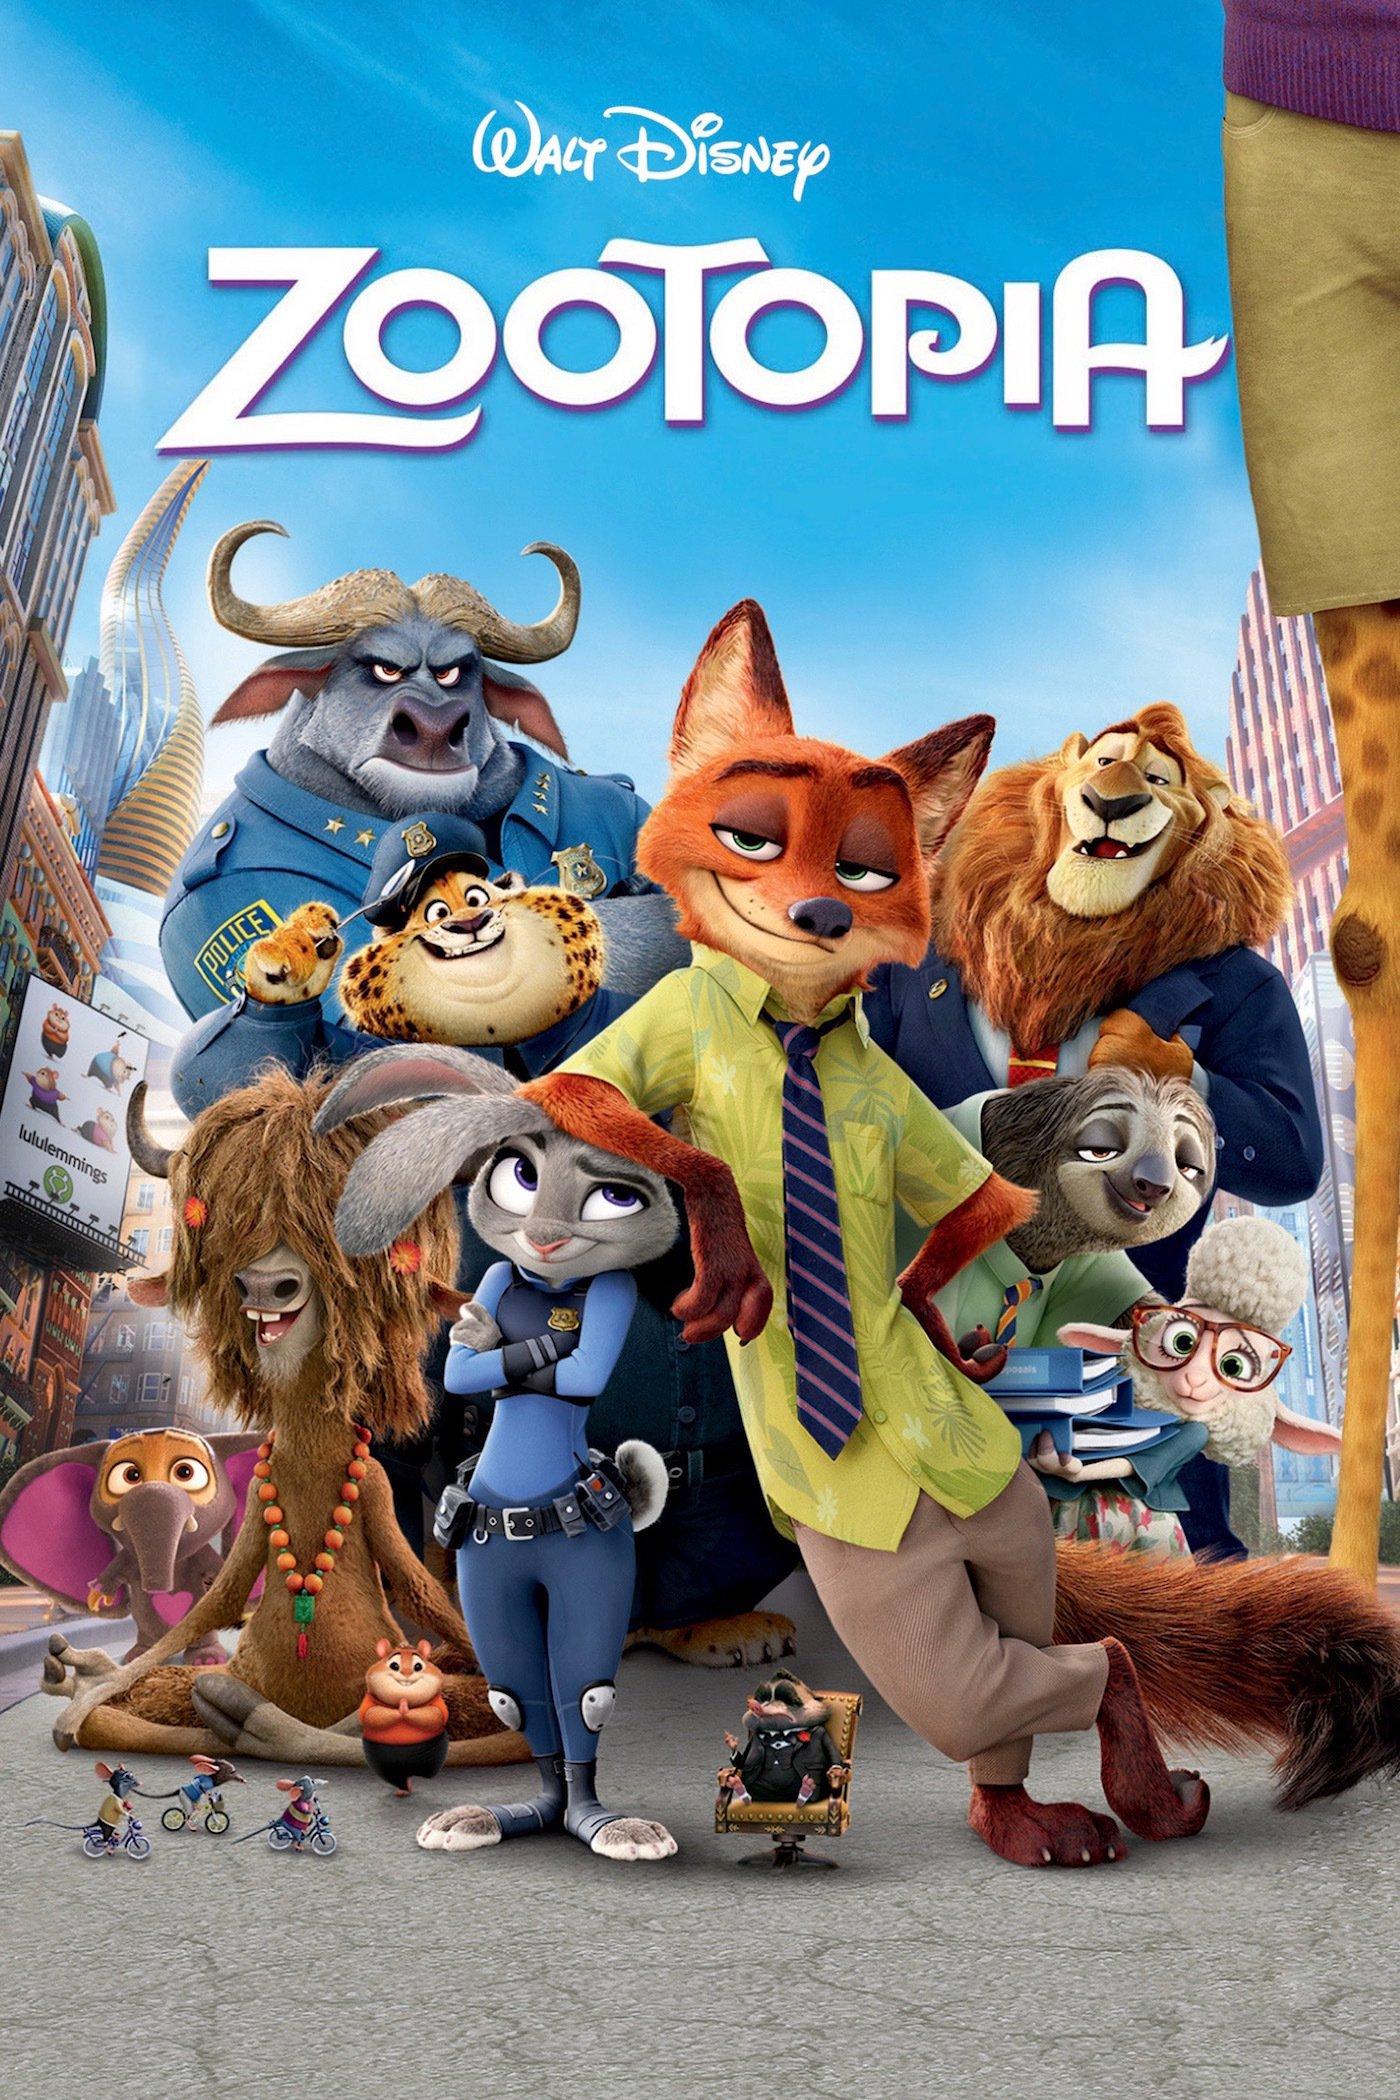 Zootopia Digital HD